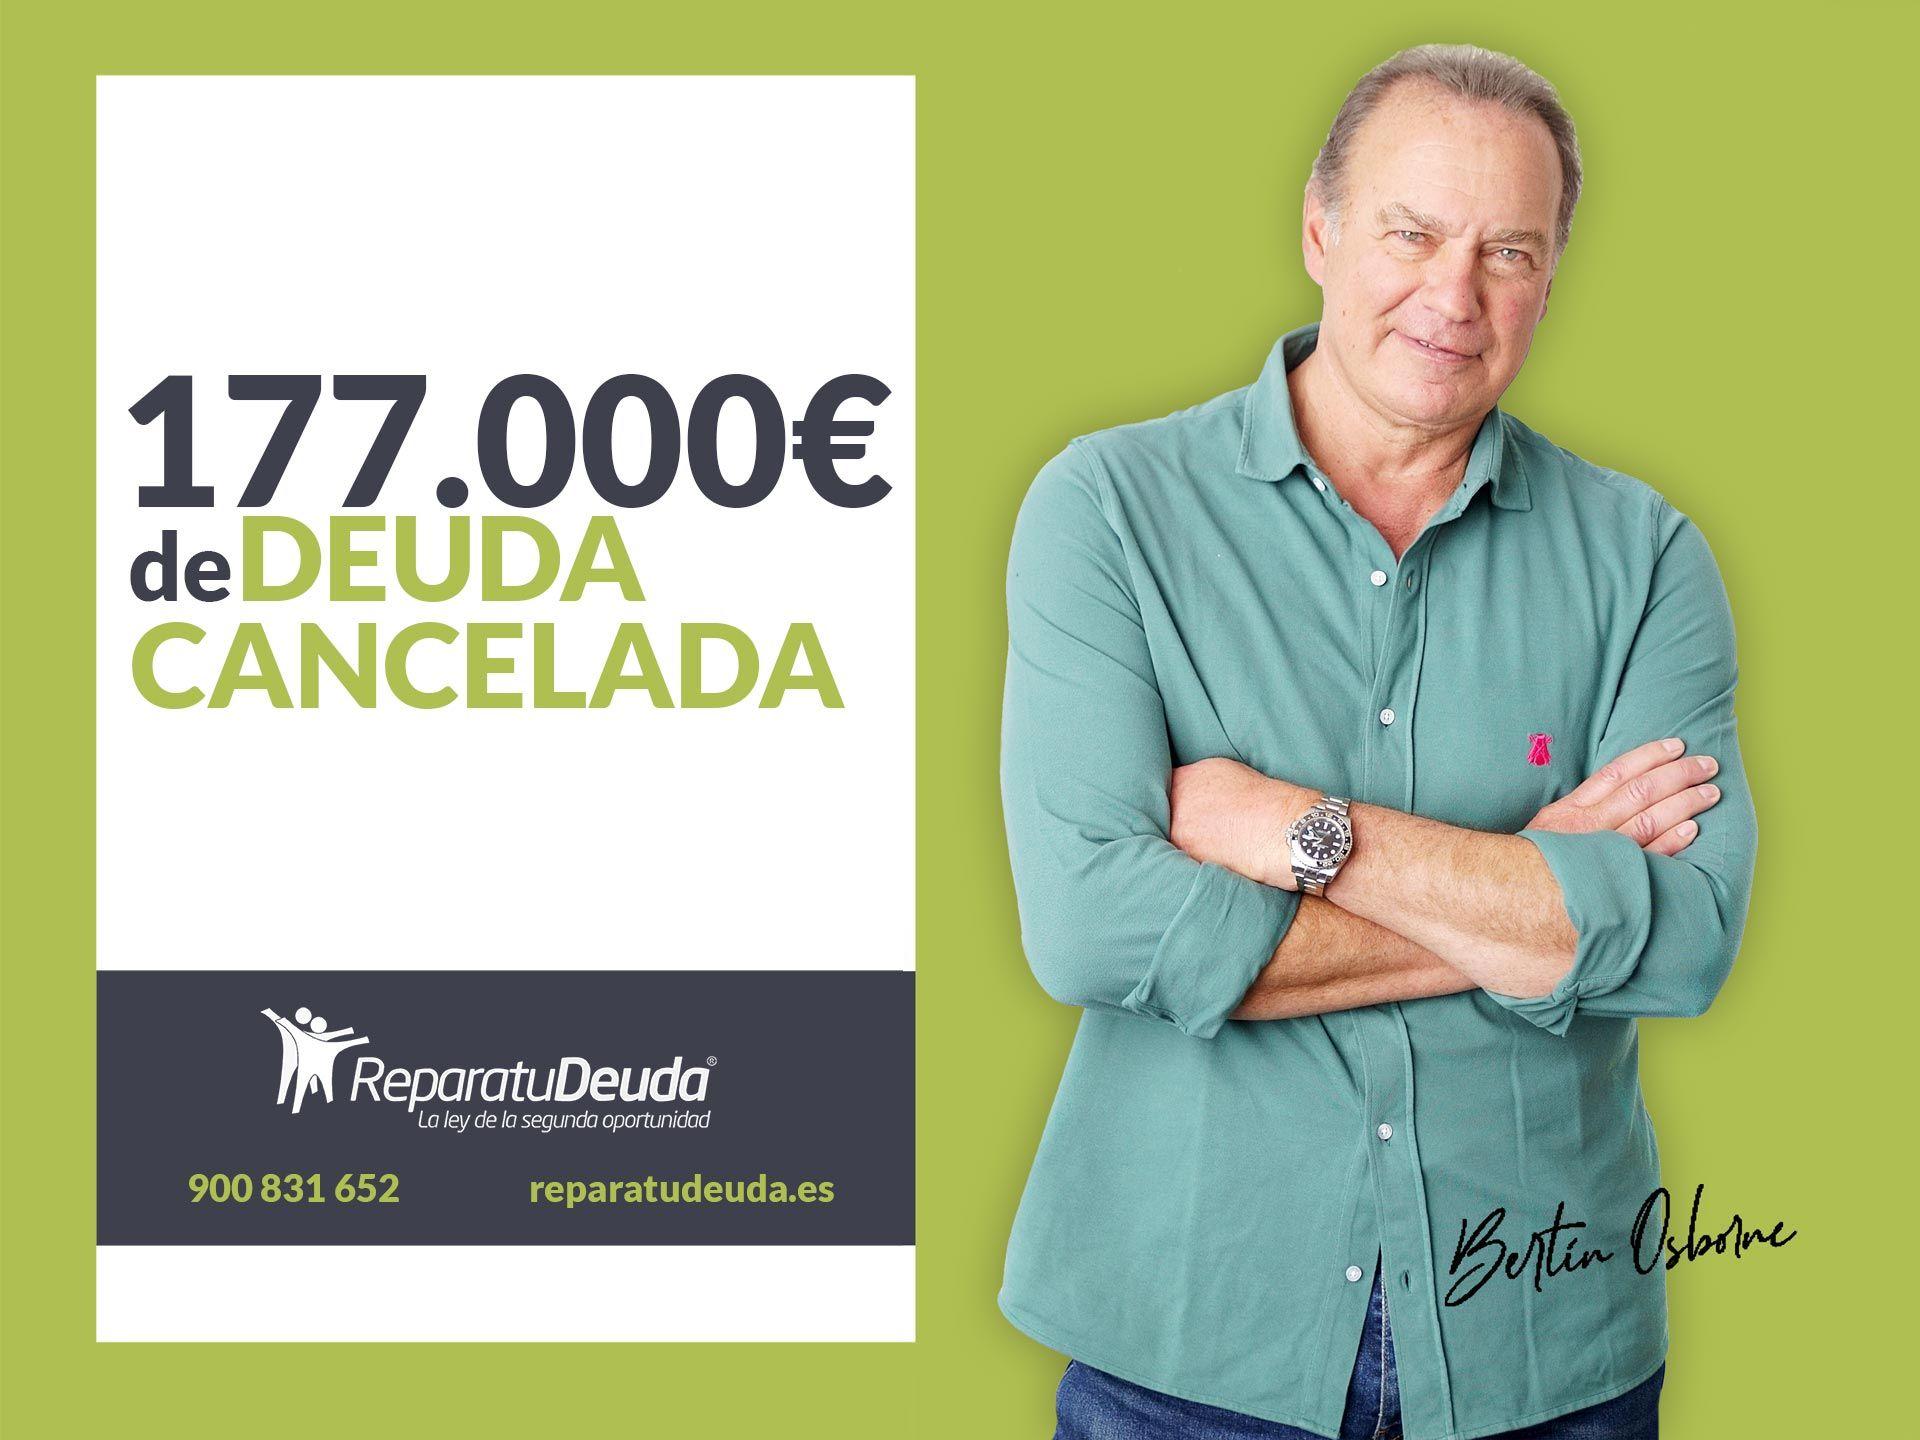 Repara tu Deuda cancela 177.000 € con deuda pública en Guadalajara con la Ley de la Segunda Oportunidad